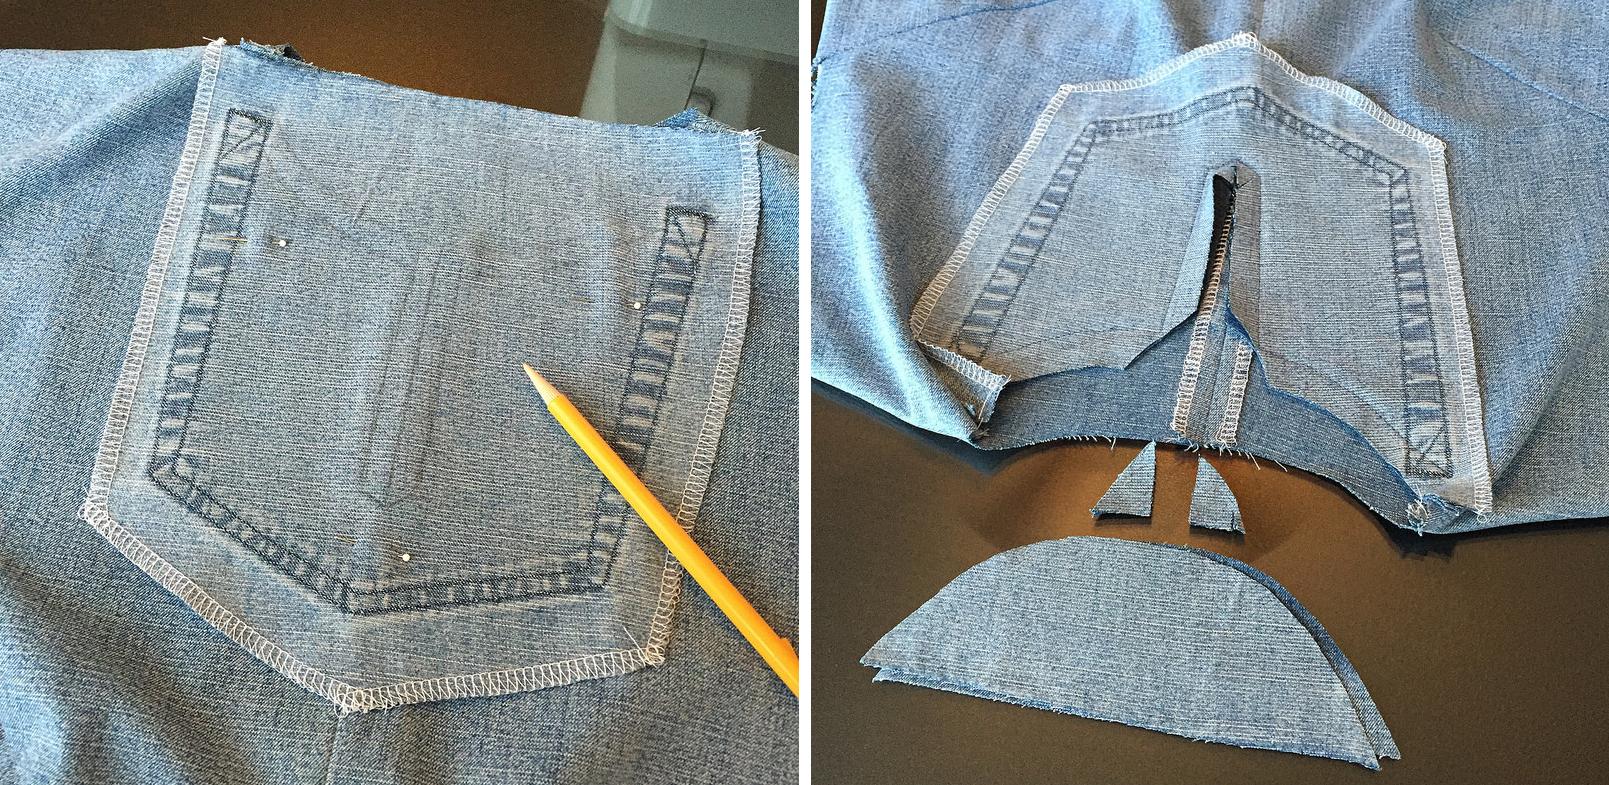 Como hacer blusas modelo túnica con jeans reciclados ¡Perfecta para el verano!9